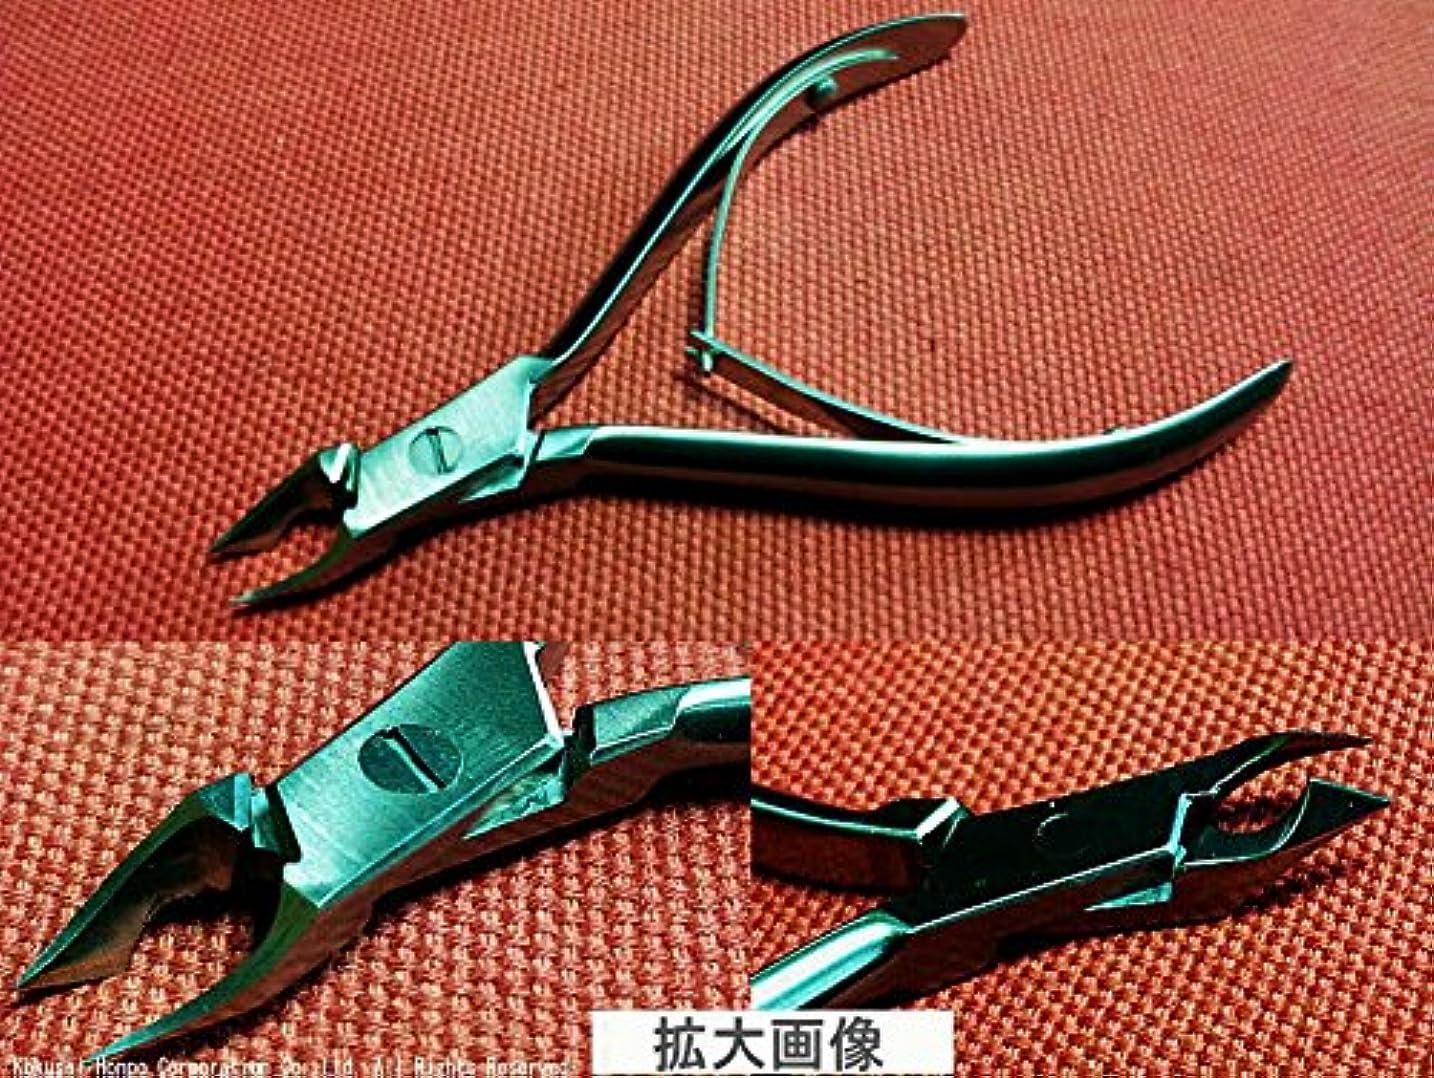 収穫否認する列挙する#15キューティクルニッパー(甘皮用)*爪の生え際あま皮カットに◆医療器具にも使用されるステンレス製